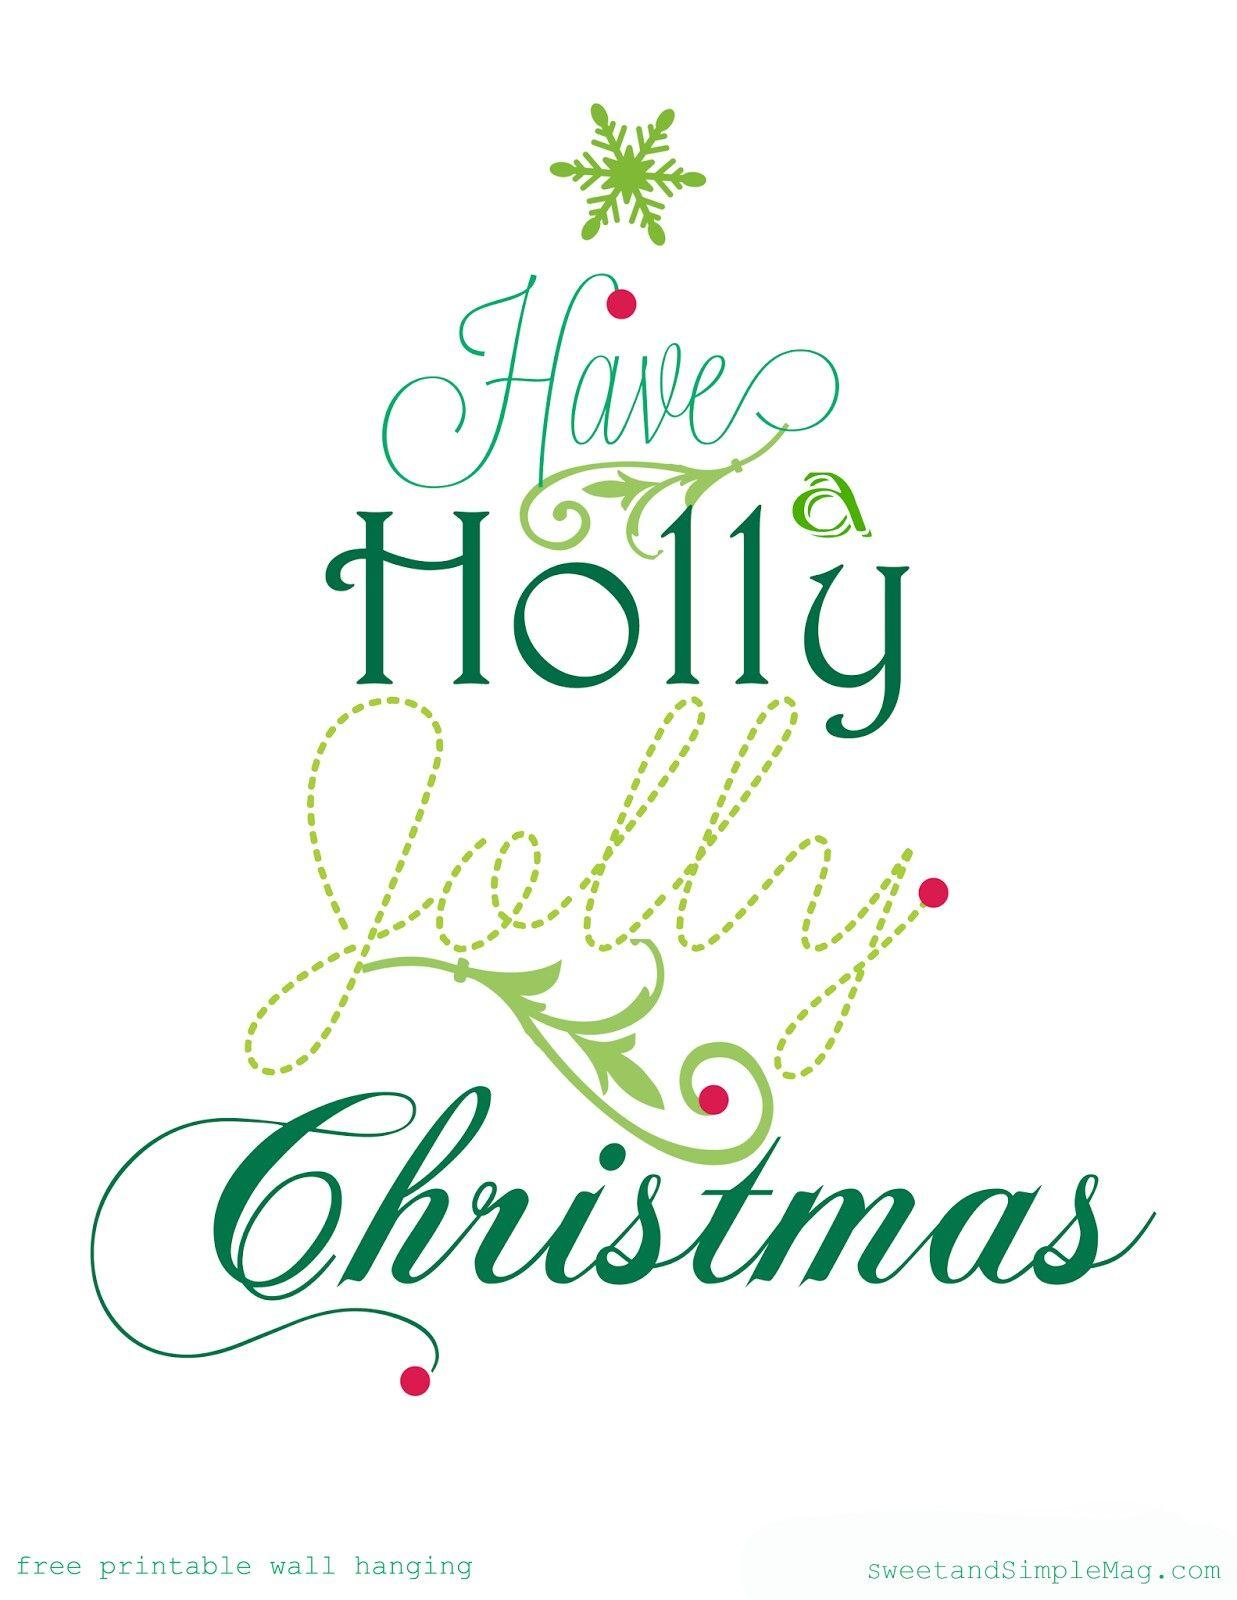 Merry Christmas Christmas lyrics, Free christmas